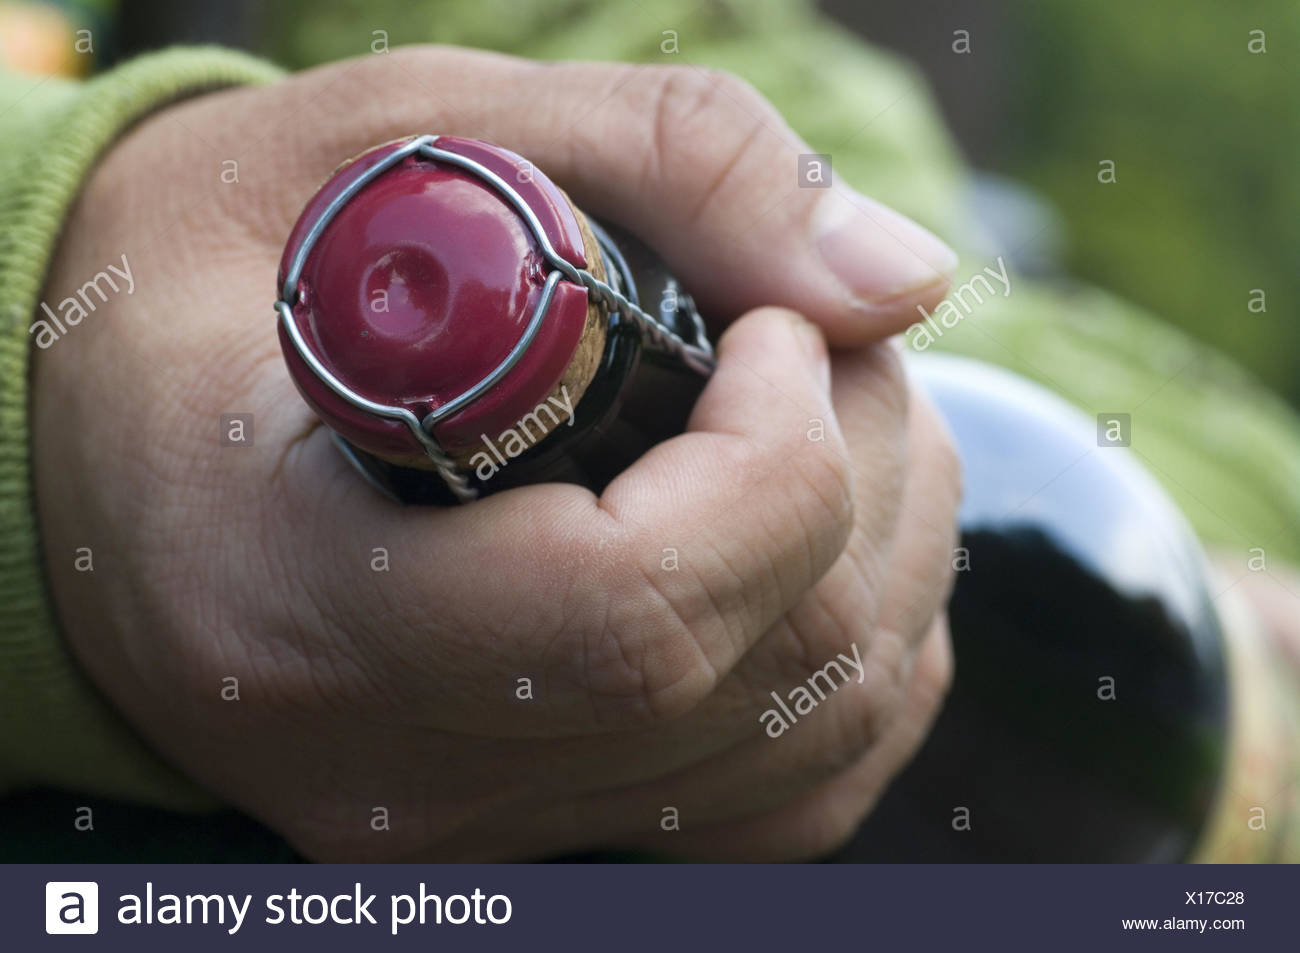 Las manos del hombre, mantenga la botella de sidra, media de cerca, botella, frasco de cristal, botella de vino espumoso, botellas de sidra, sidra, vino, corcho, botella de vino espumoso de cork, rejilla de alambre, detalle, clip, vino, sidra, en francés, chispeante, burbujeante, ácido carbónico, bebidas, alcohólicas, estrechamente, cerrado, gente, hombre, detalle, manos, Imagen De Stock